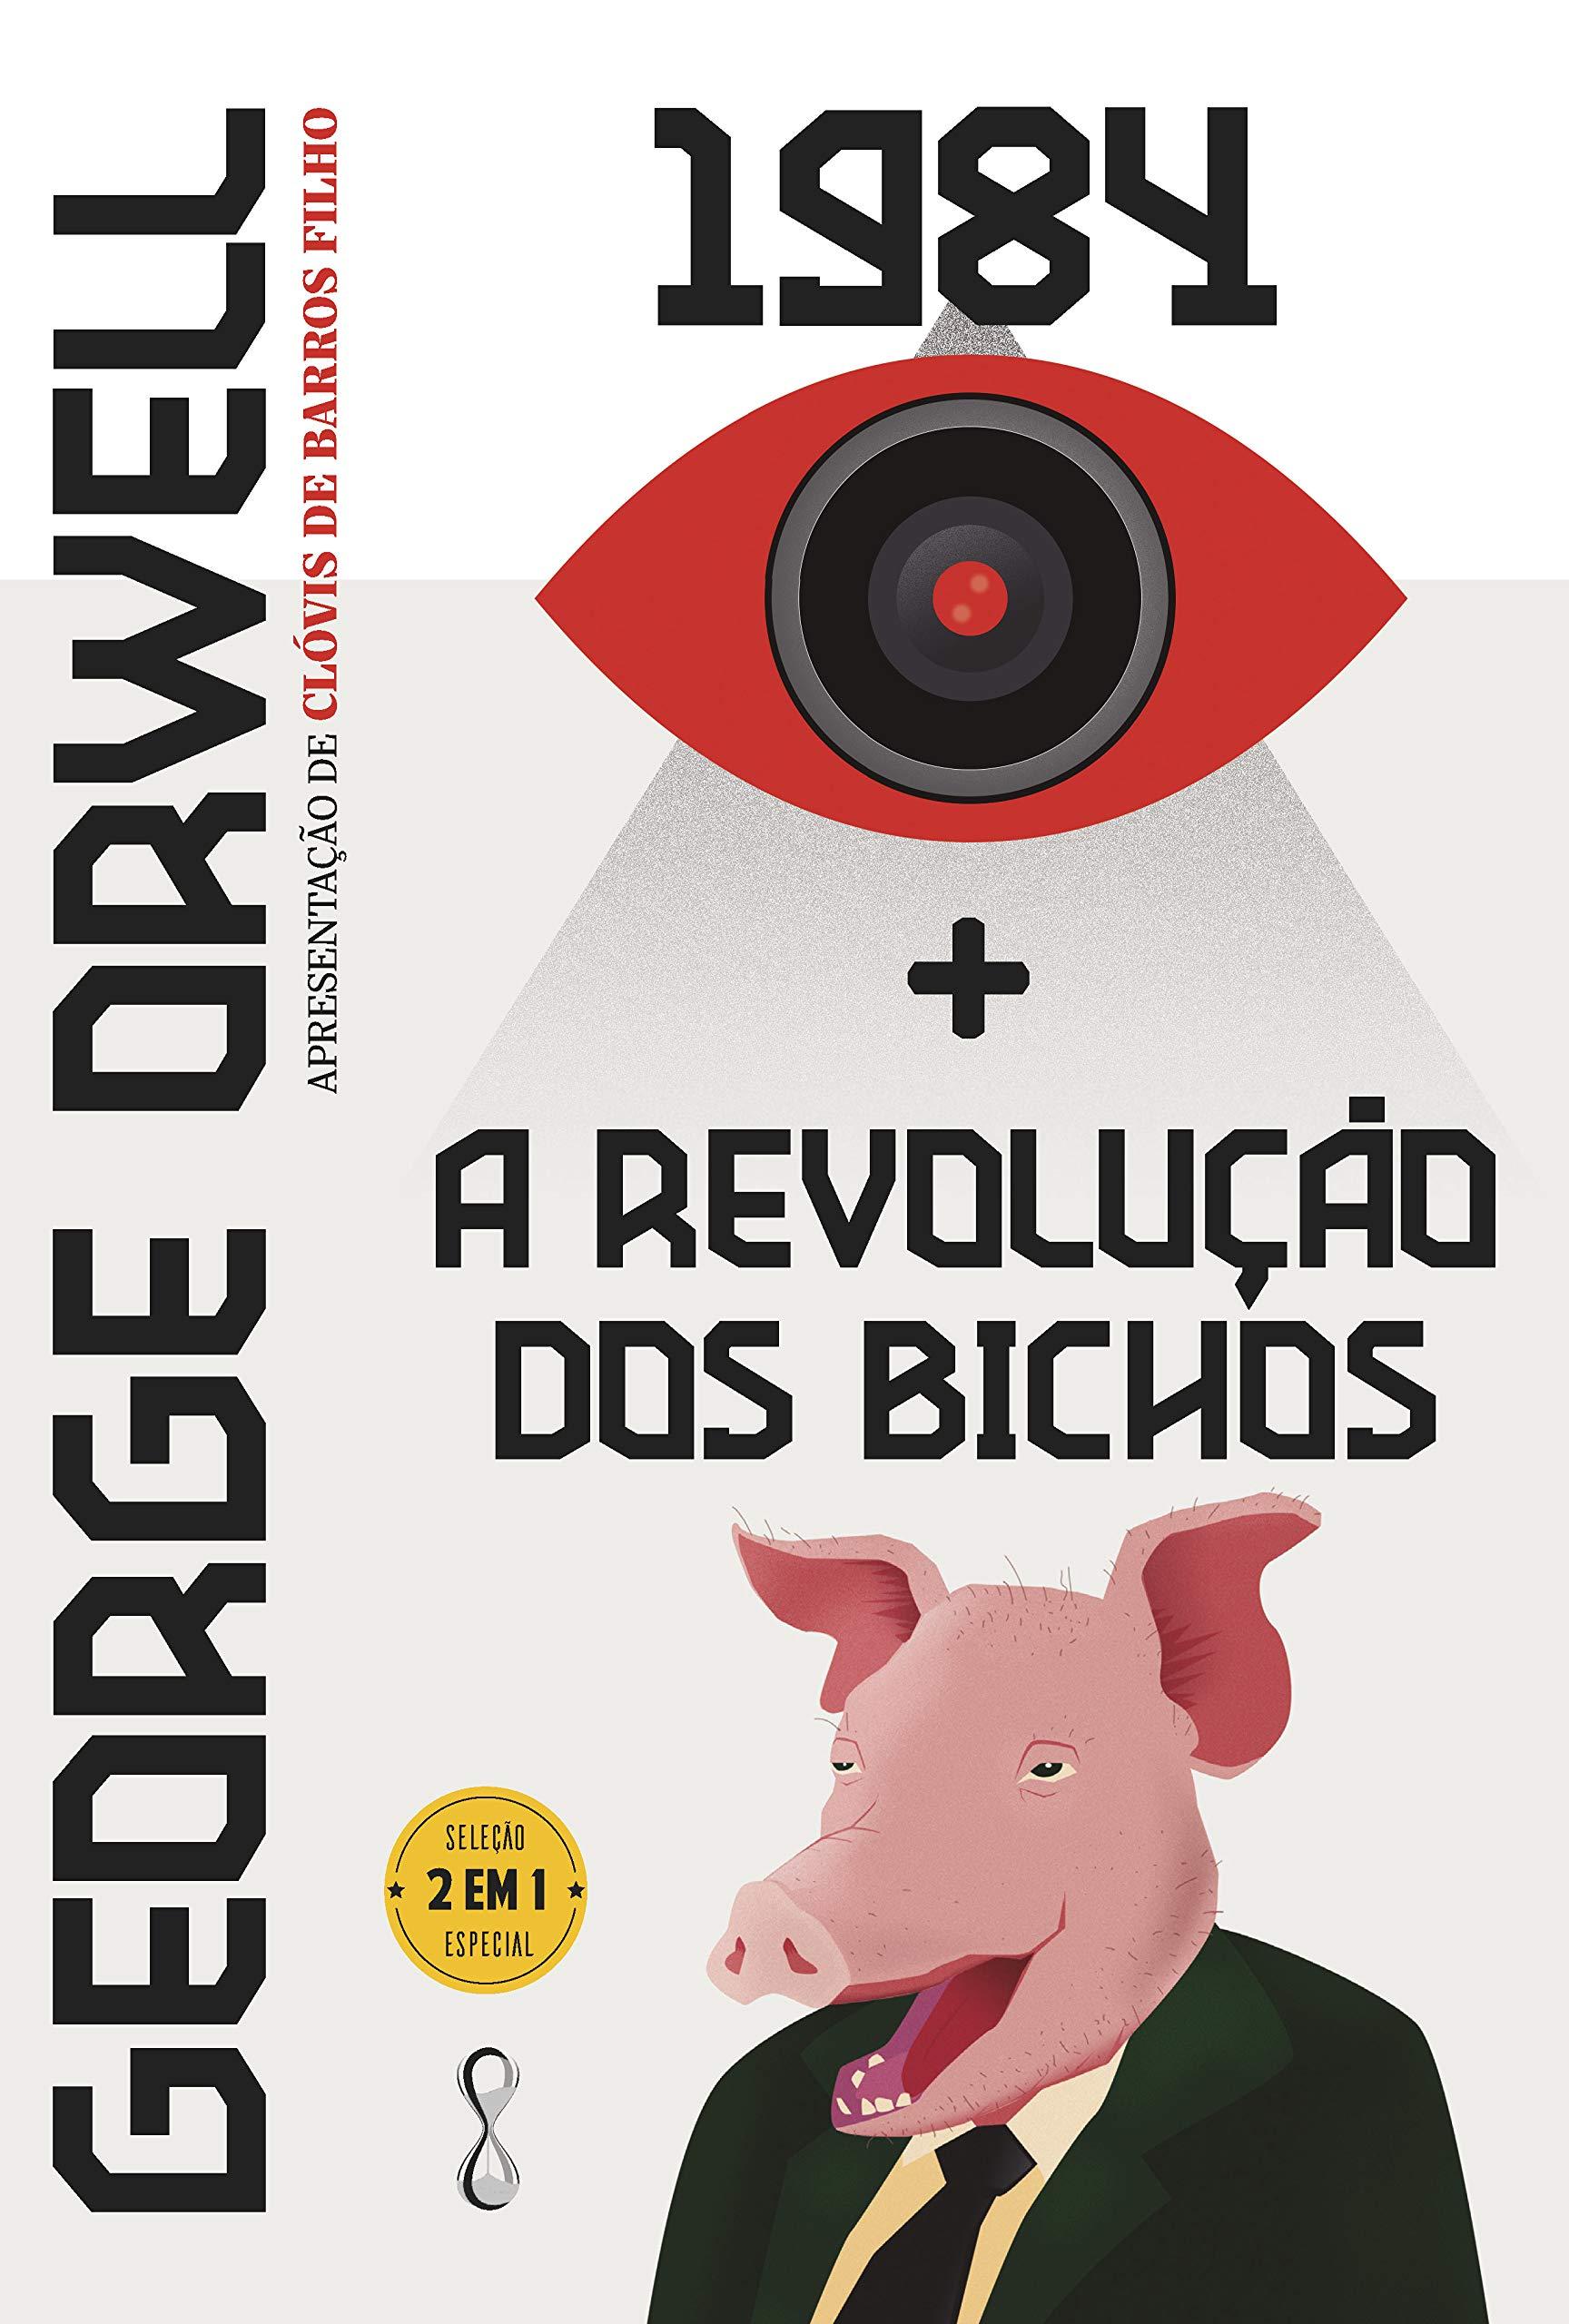 George Orwell: 1984 + A Revolução dos Bichos